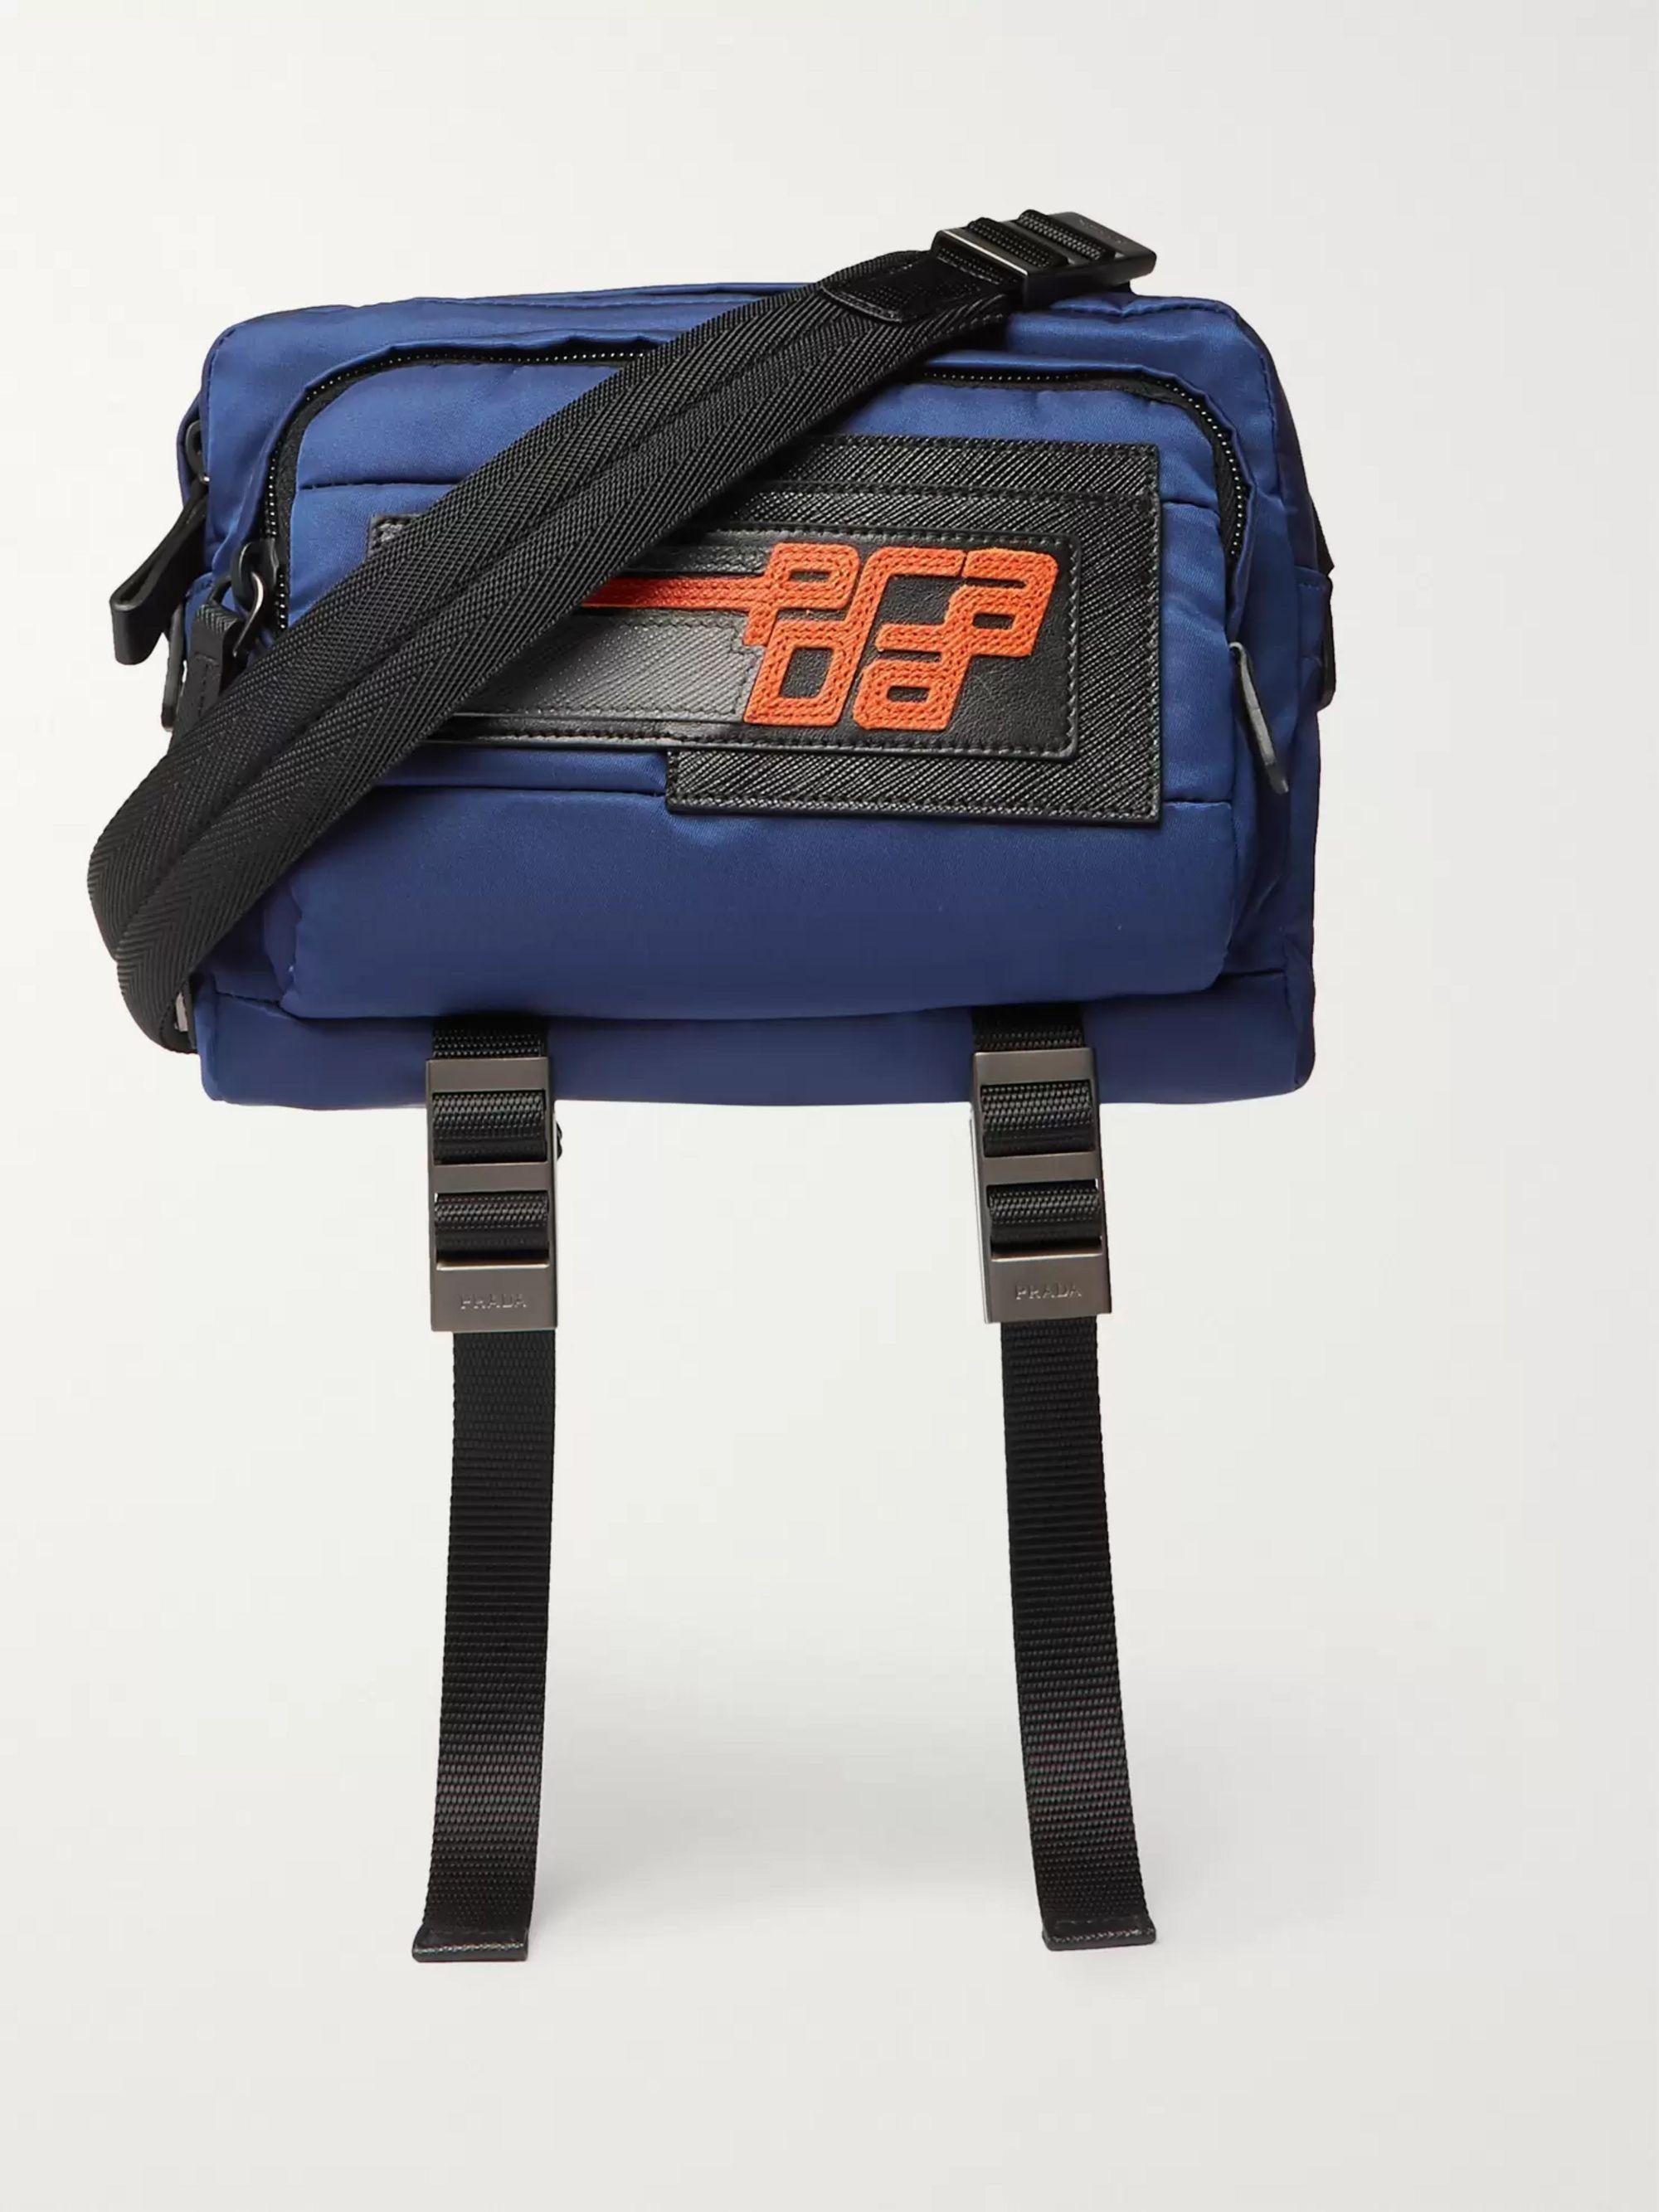 Blue Saffiano Leather Trimmed Nylon Camera Bag Prada Mr Porter